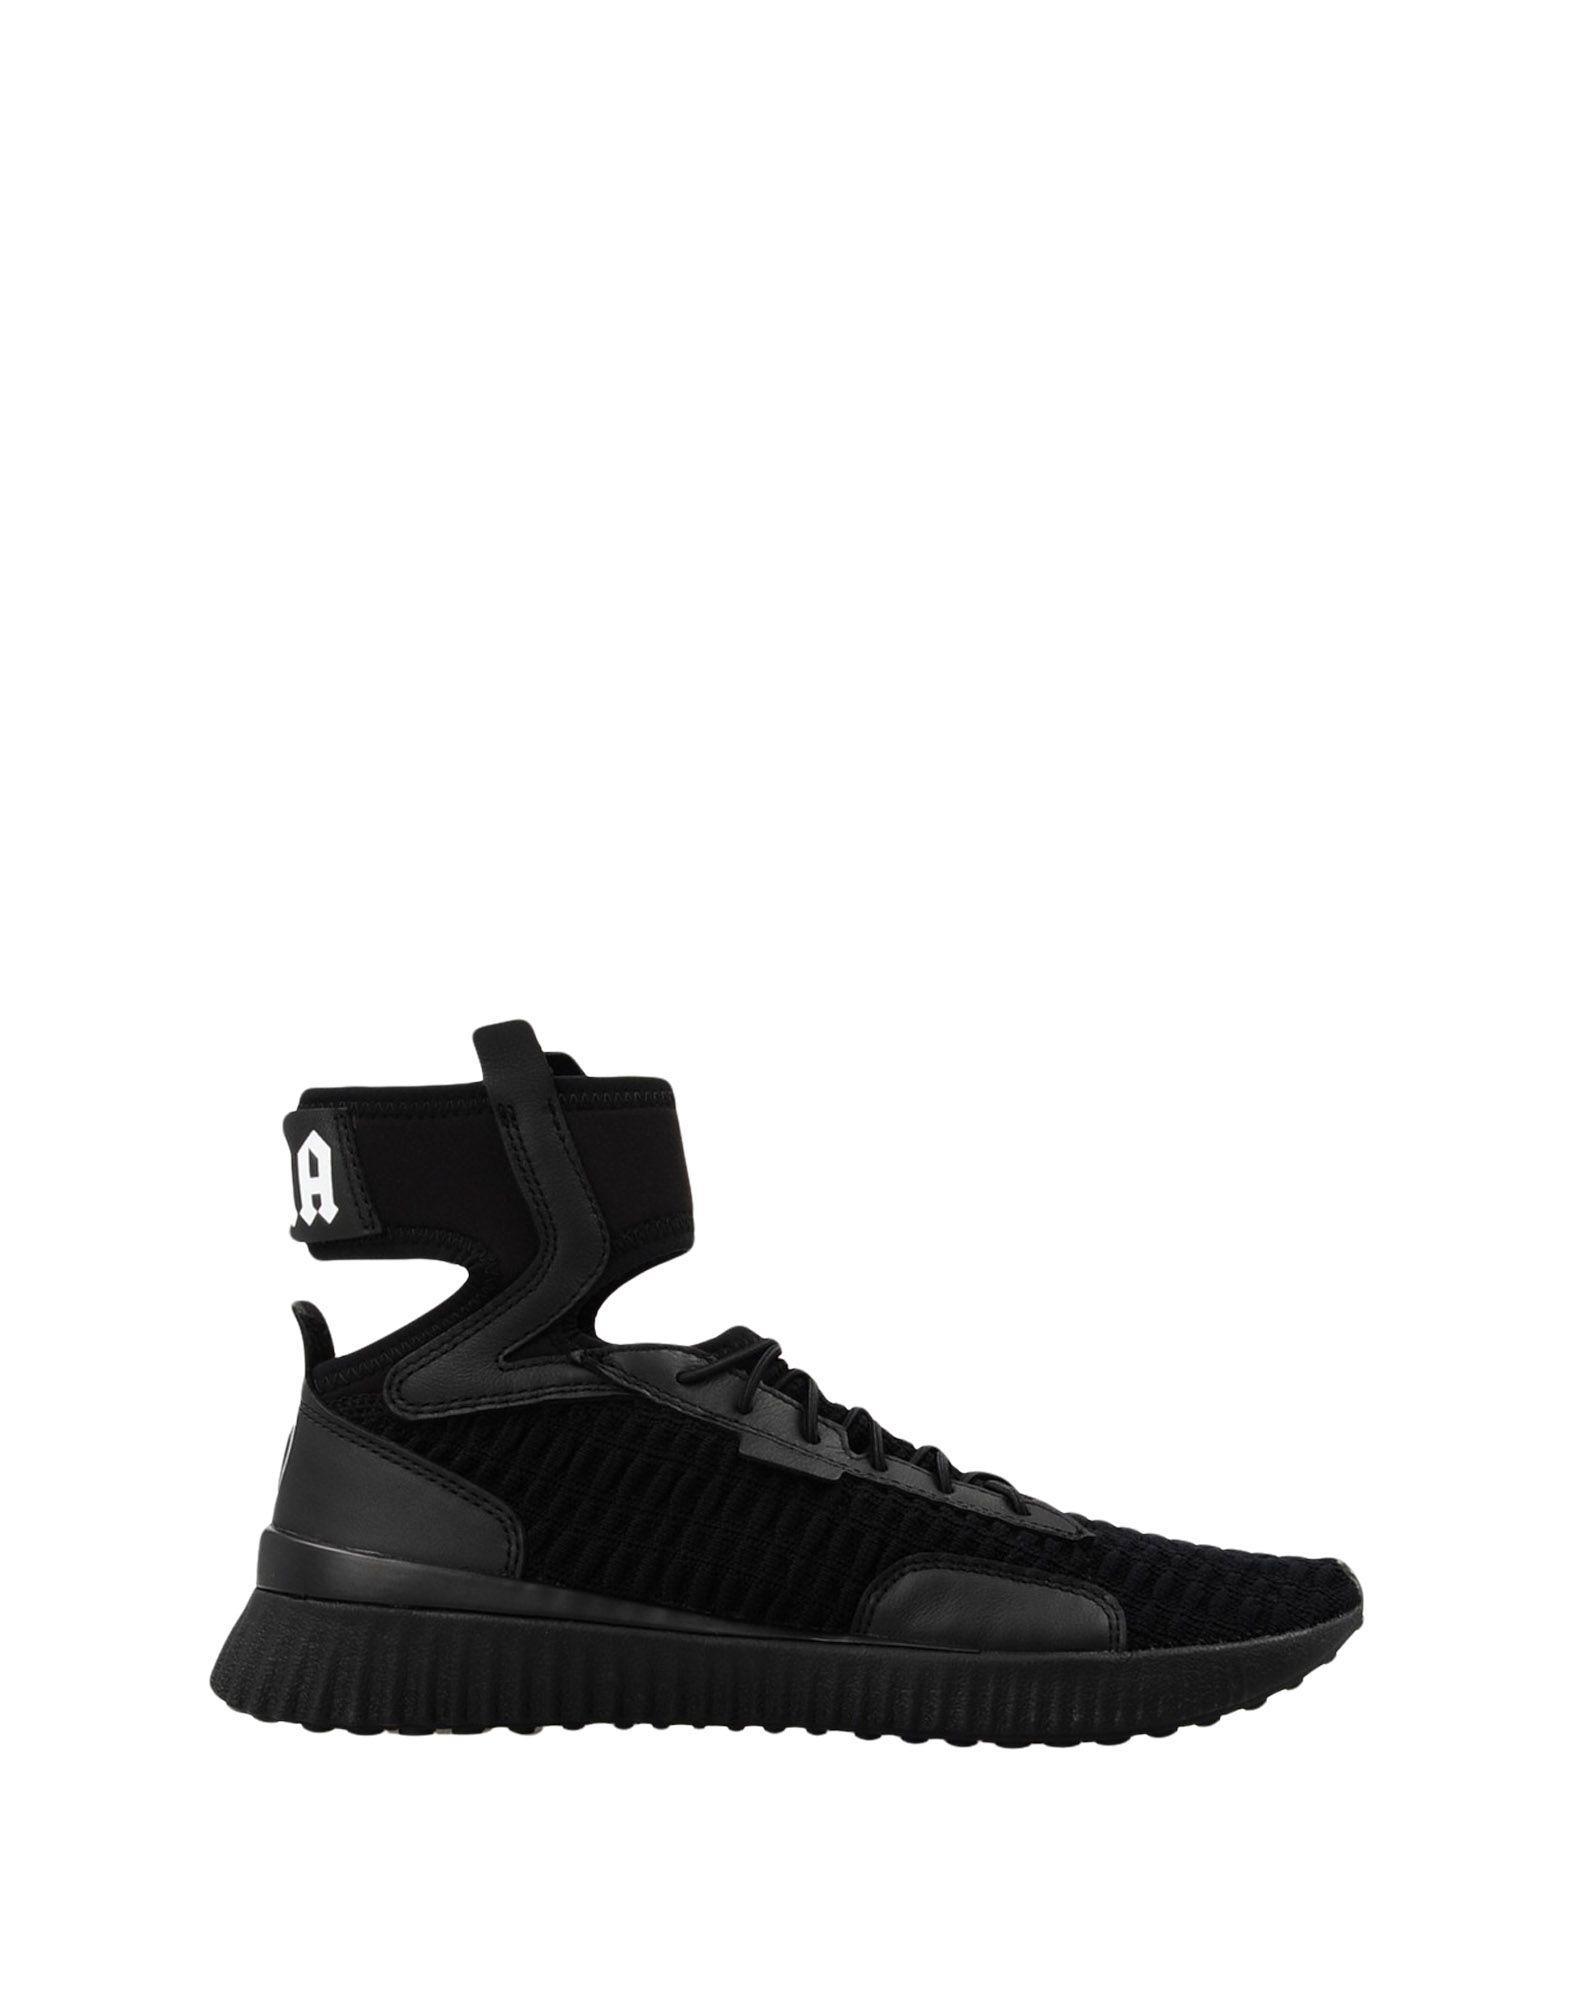 Fenty High-tops & Sneakers in Black